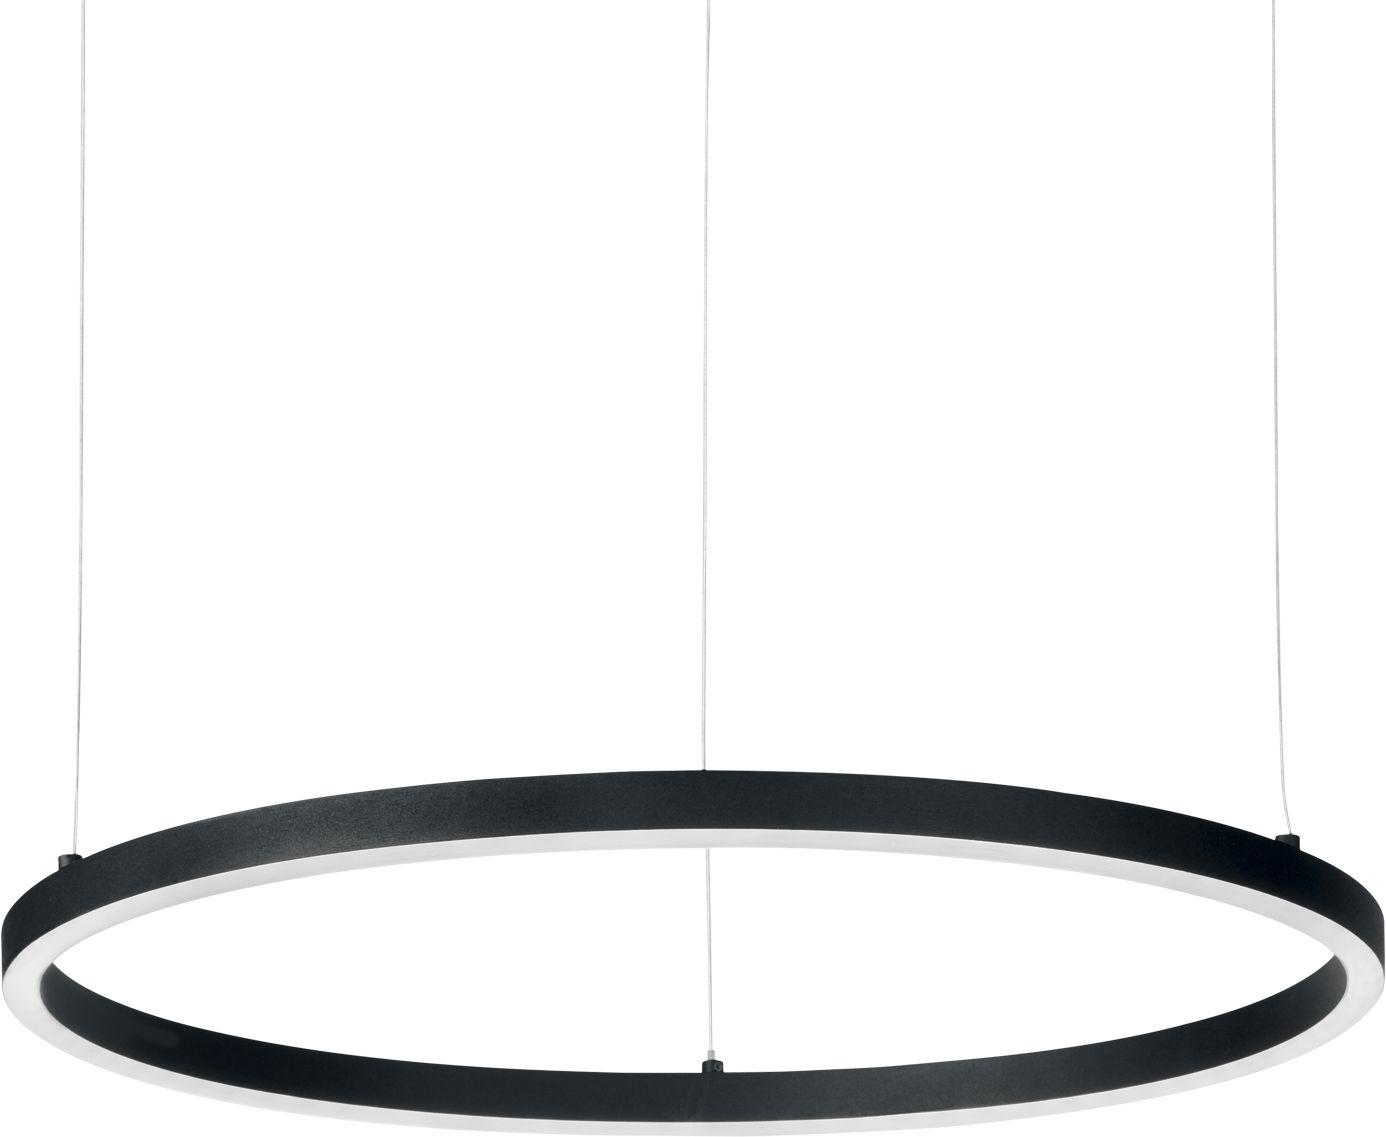 Lampa wisząca Oracle Slim 229515 Ideal Lux nowoczesna oprawa w kolorze czarnym